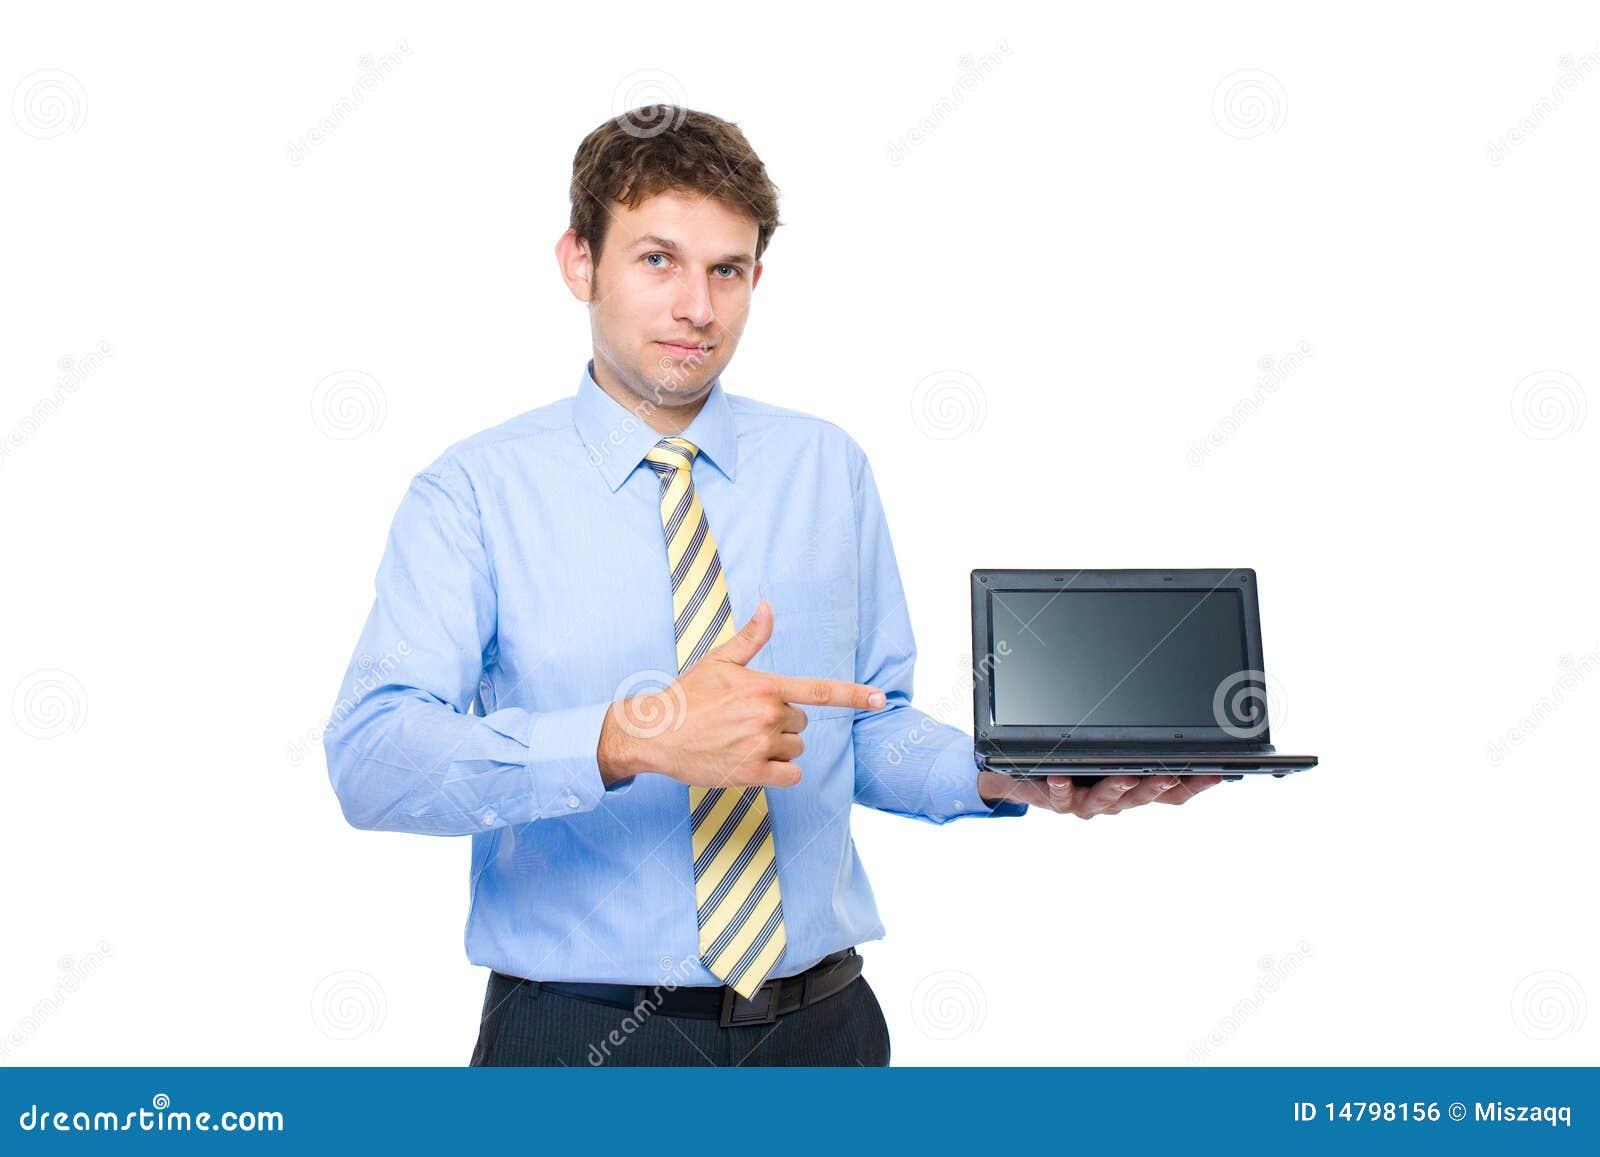 Denial video orgasm wav